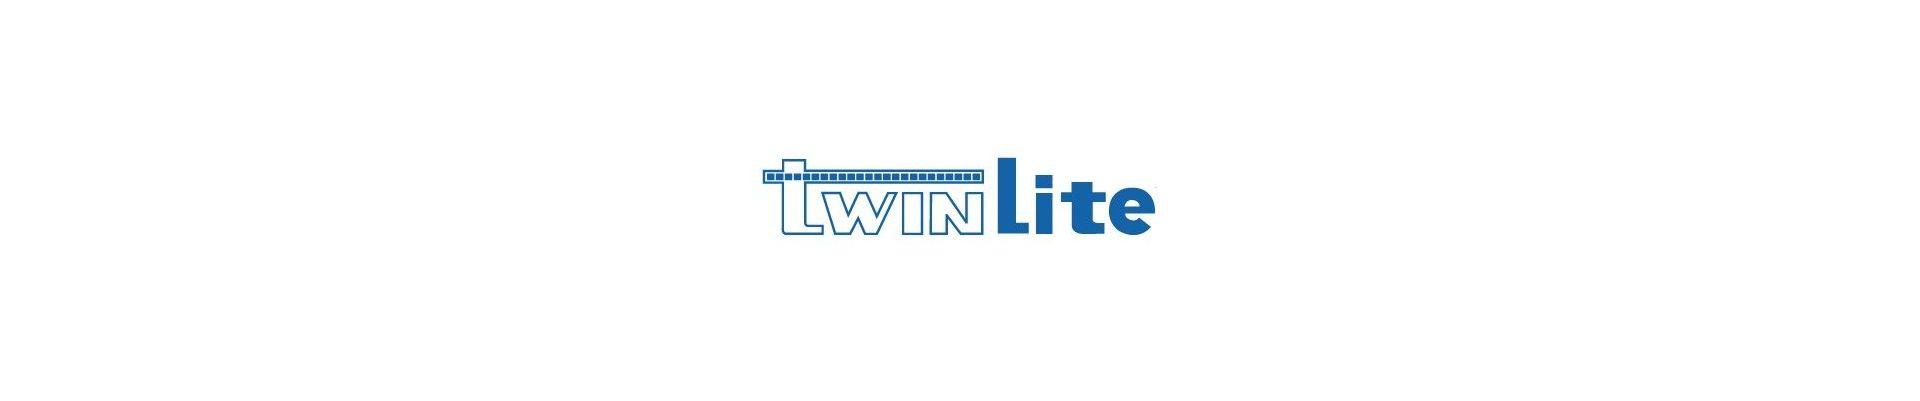 Bricheta Twinlite Magazin brichete si accesorii Twinlite.Cumpara brichete Twinlite